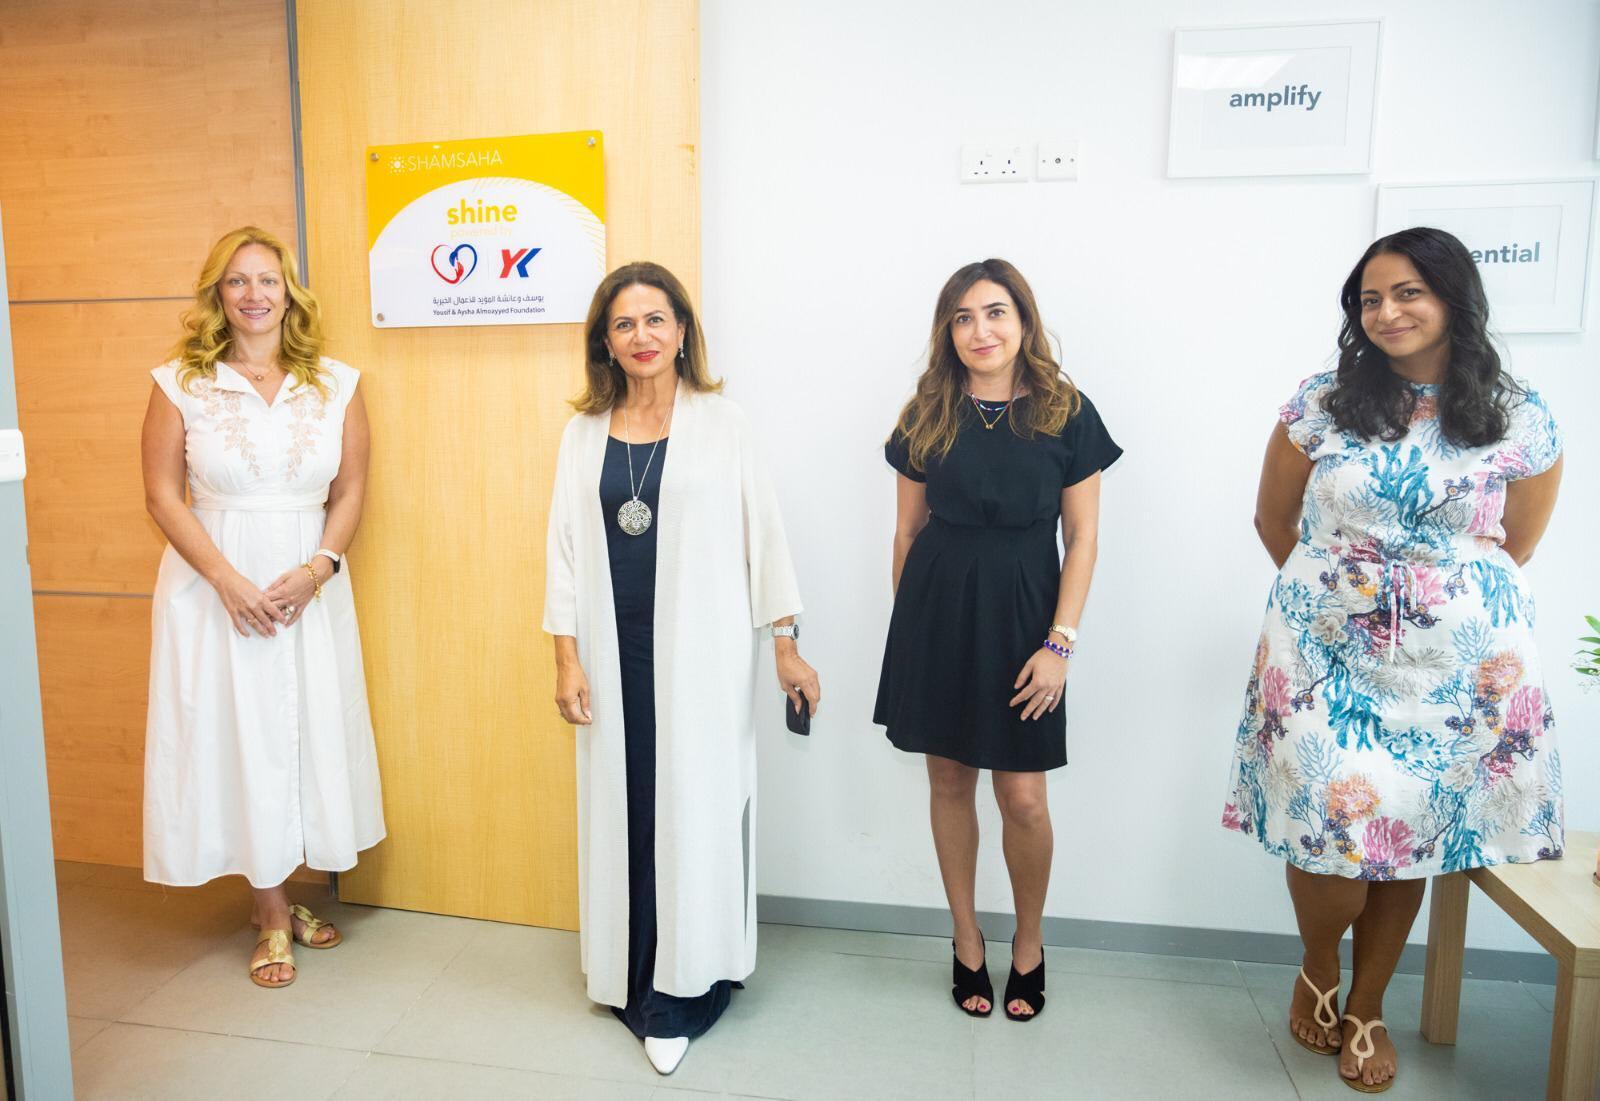 Shamsaha Launches the Shine Center Powered by Yousif & Aysha Almoayyed Foundation